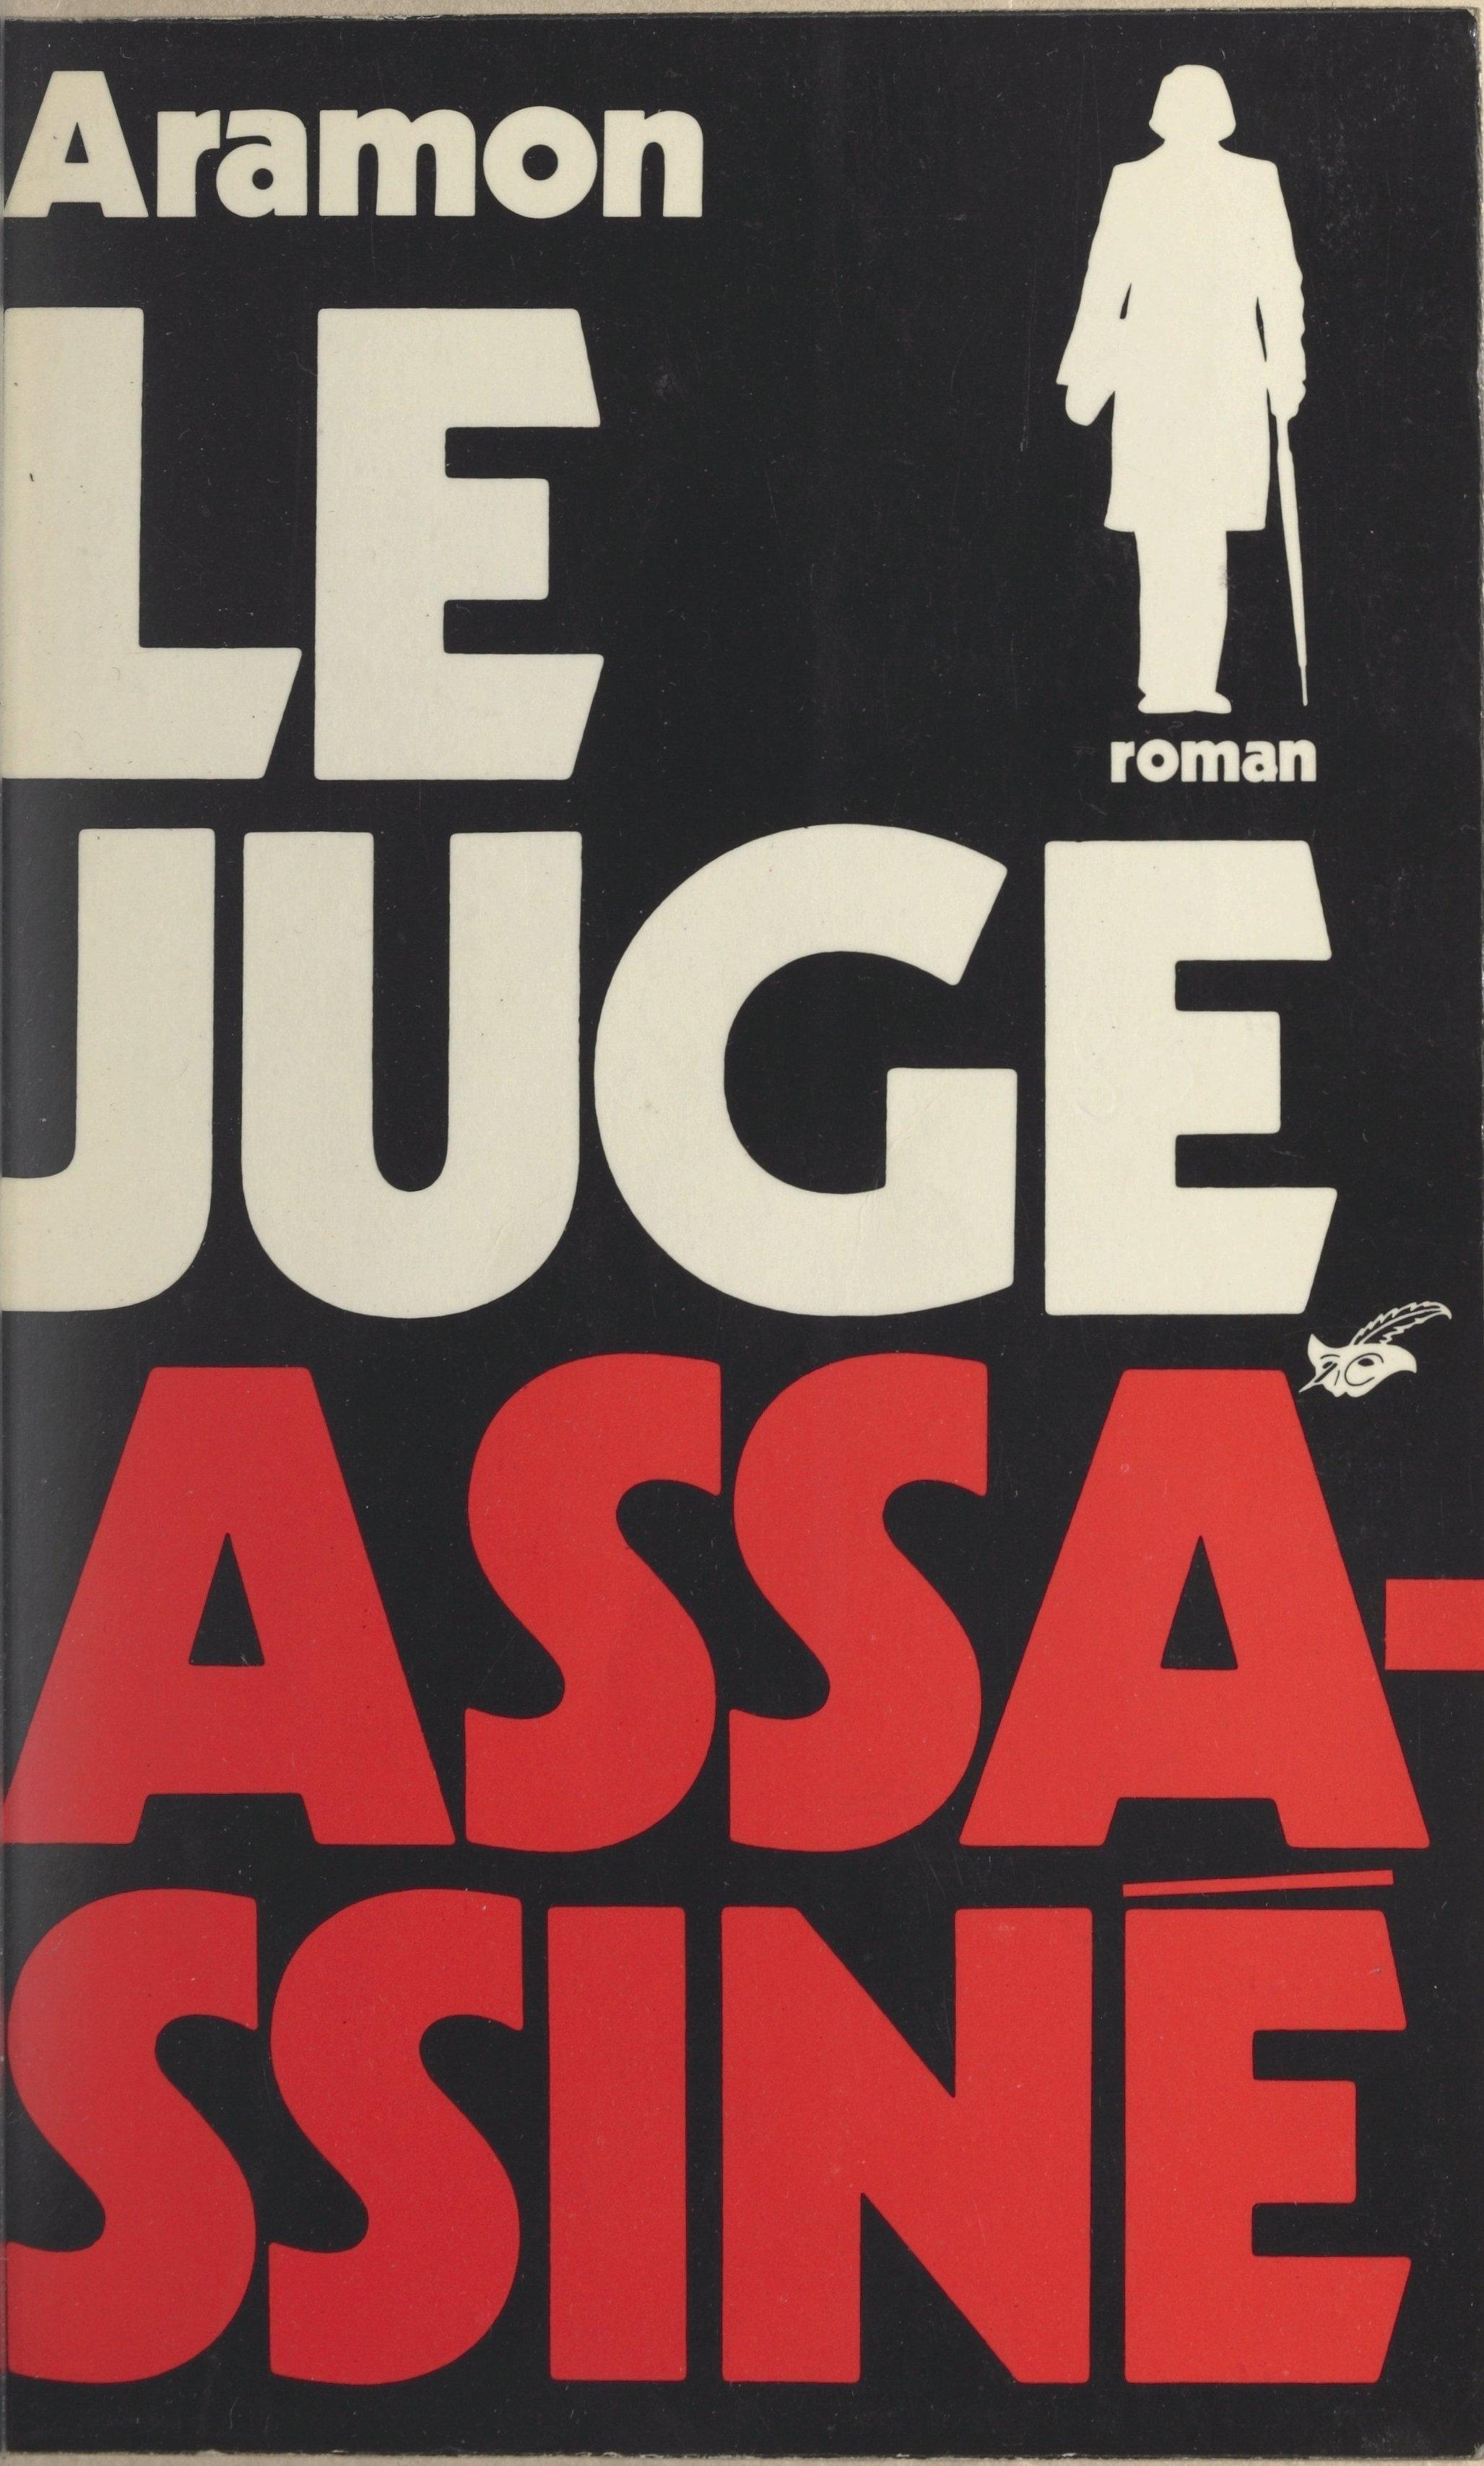 Le juge assassiné